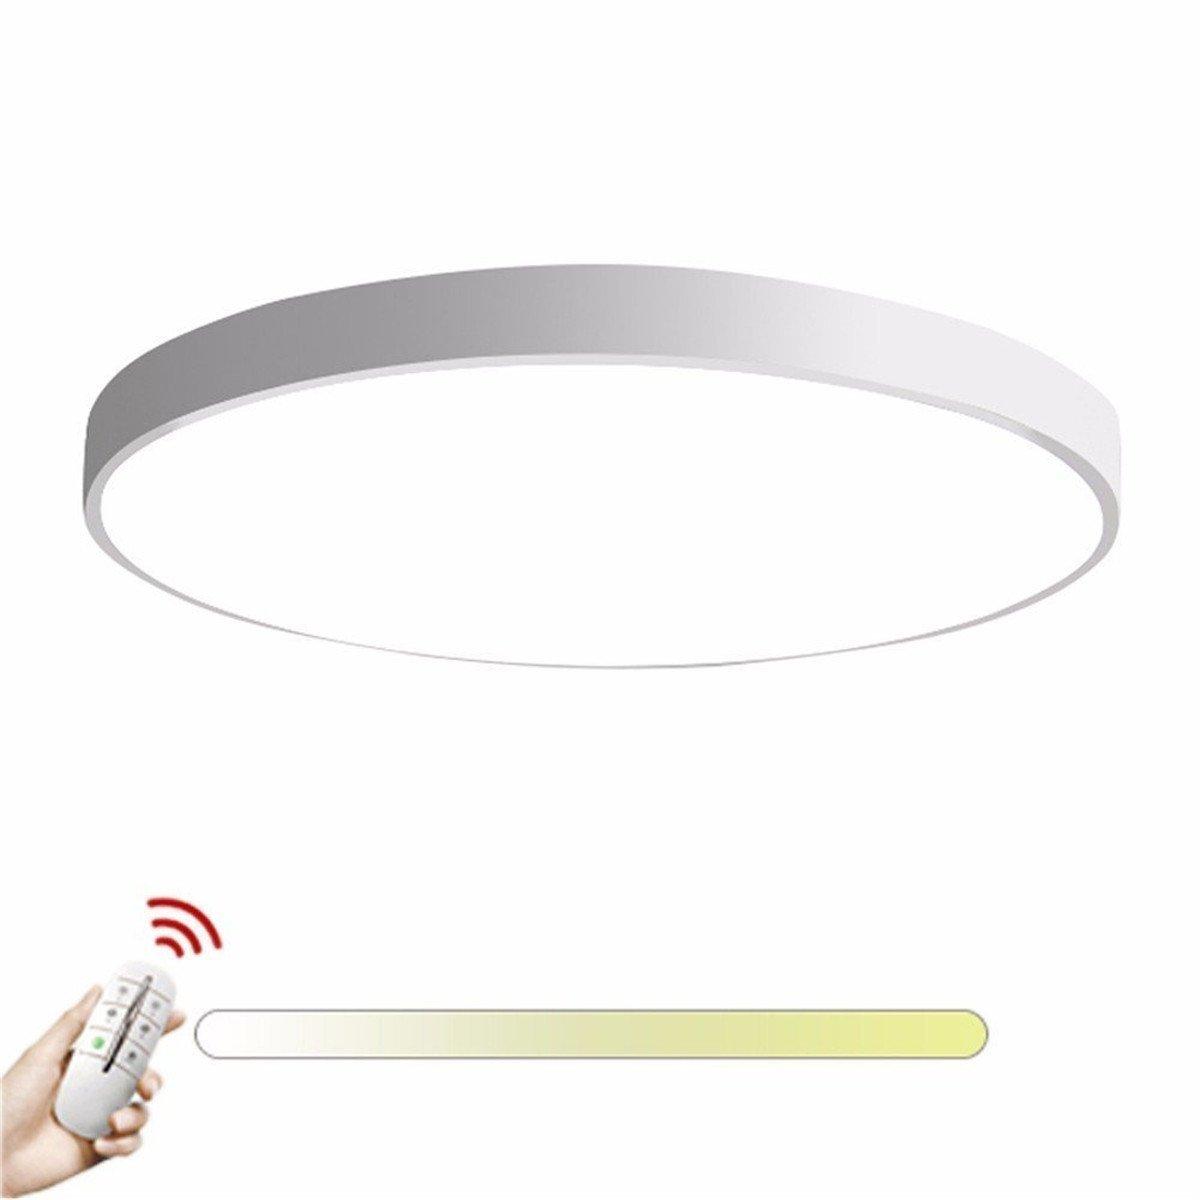 KAIRRY Runde Deckenlampe Ultra-dünne Deckenleuchte Wand Lampe Moderne Einfache Runde 5CM LED Deckenleuchten Wohnzimmer Schlafzimmer (Farbe   Weiß stufenlos dimmbar, Größe   60CM)